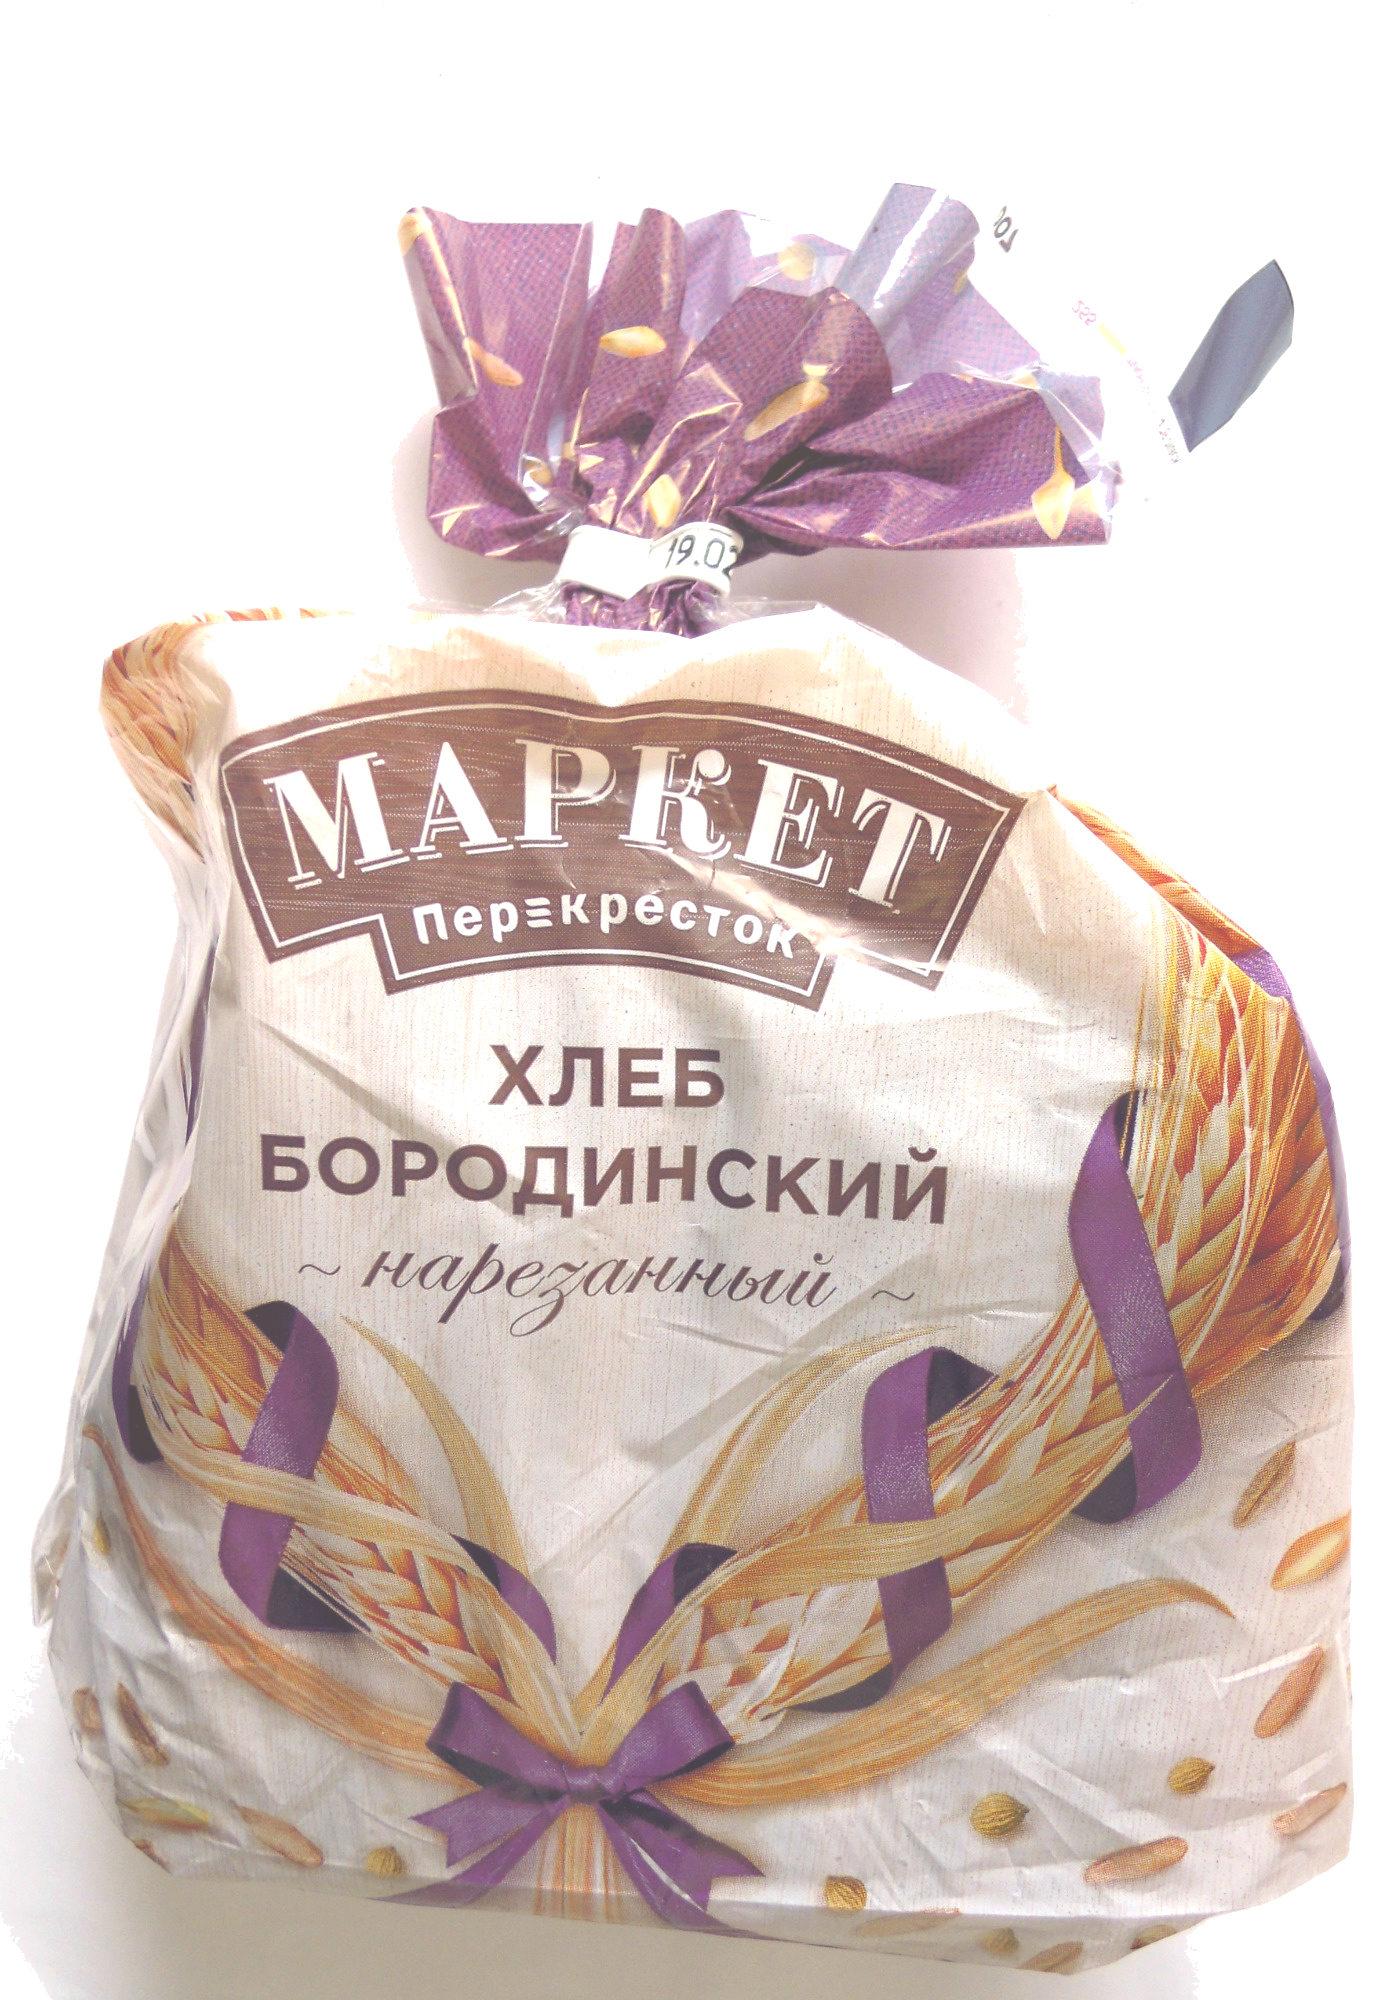 Хлеб Бородинский нарезанный - Product